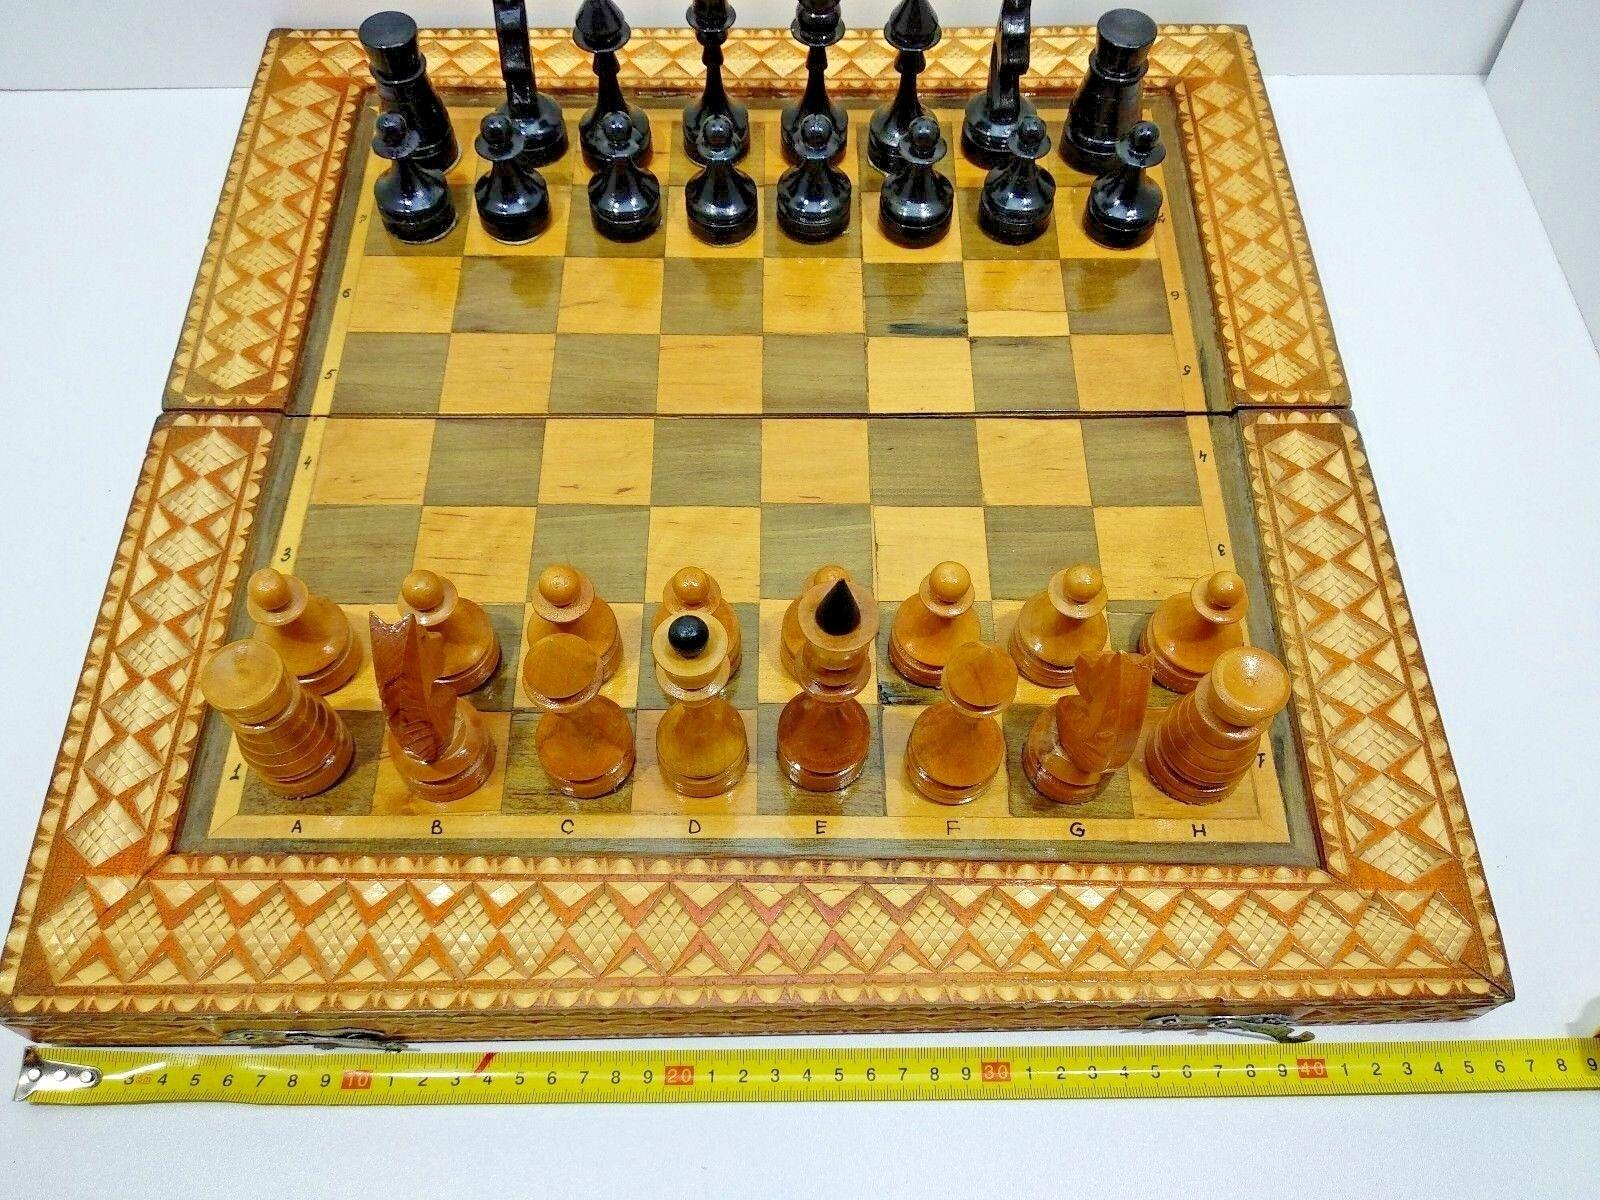 46x46 tallado a mano de un un un grupo de tableros de madera soviético único en su génegro. 4f6